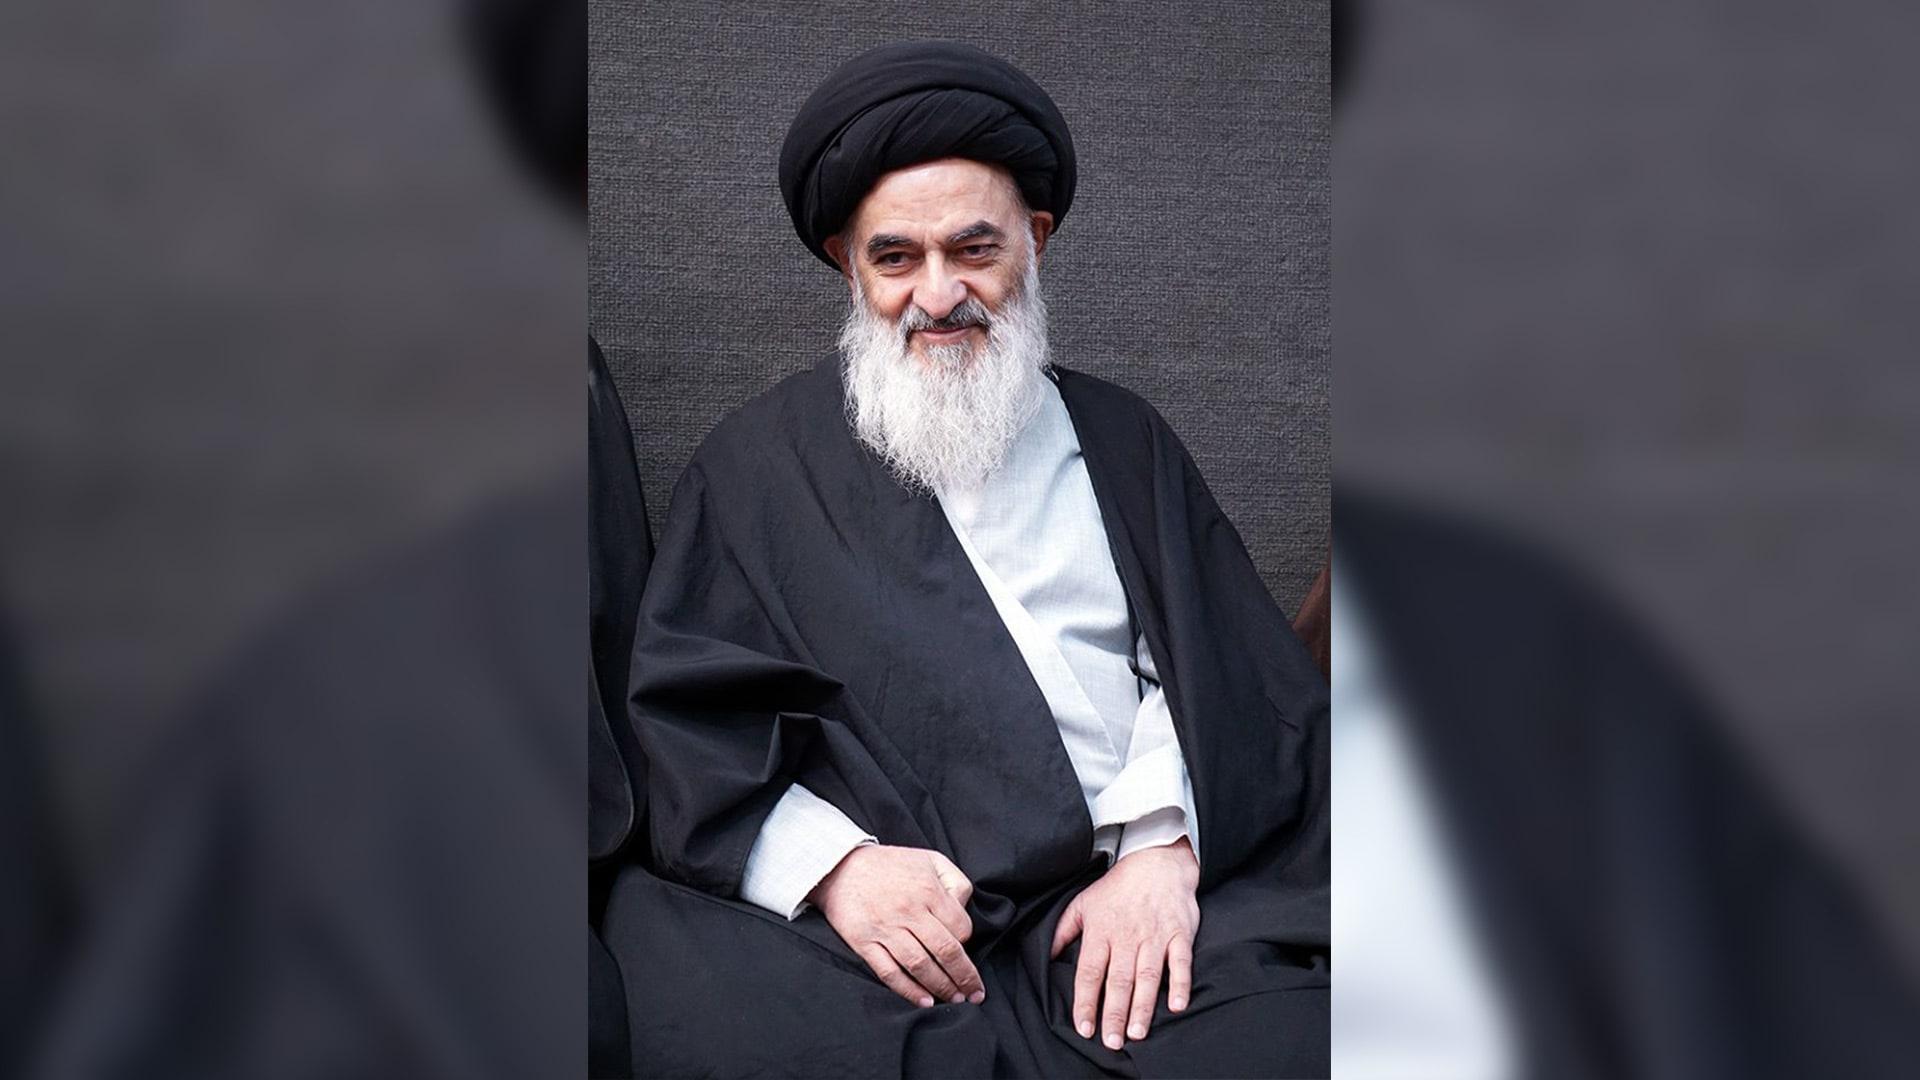 إيران: التيار الشيرازي مرتبط ببريطانيا وياسر الحبيب يروج للتطرف